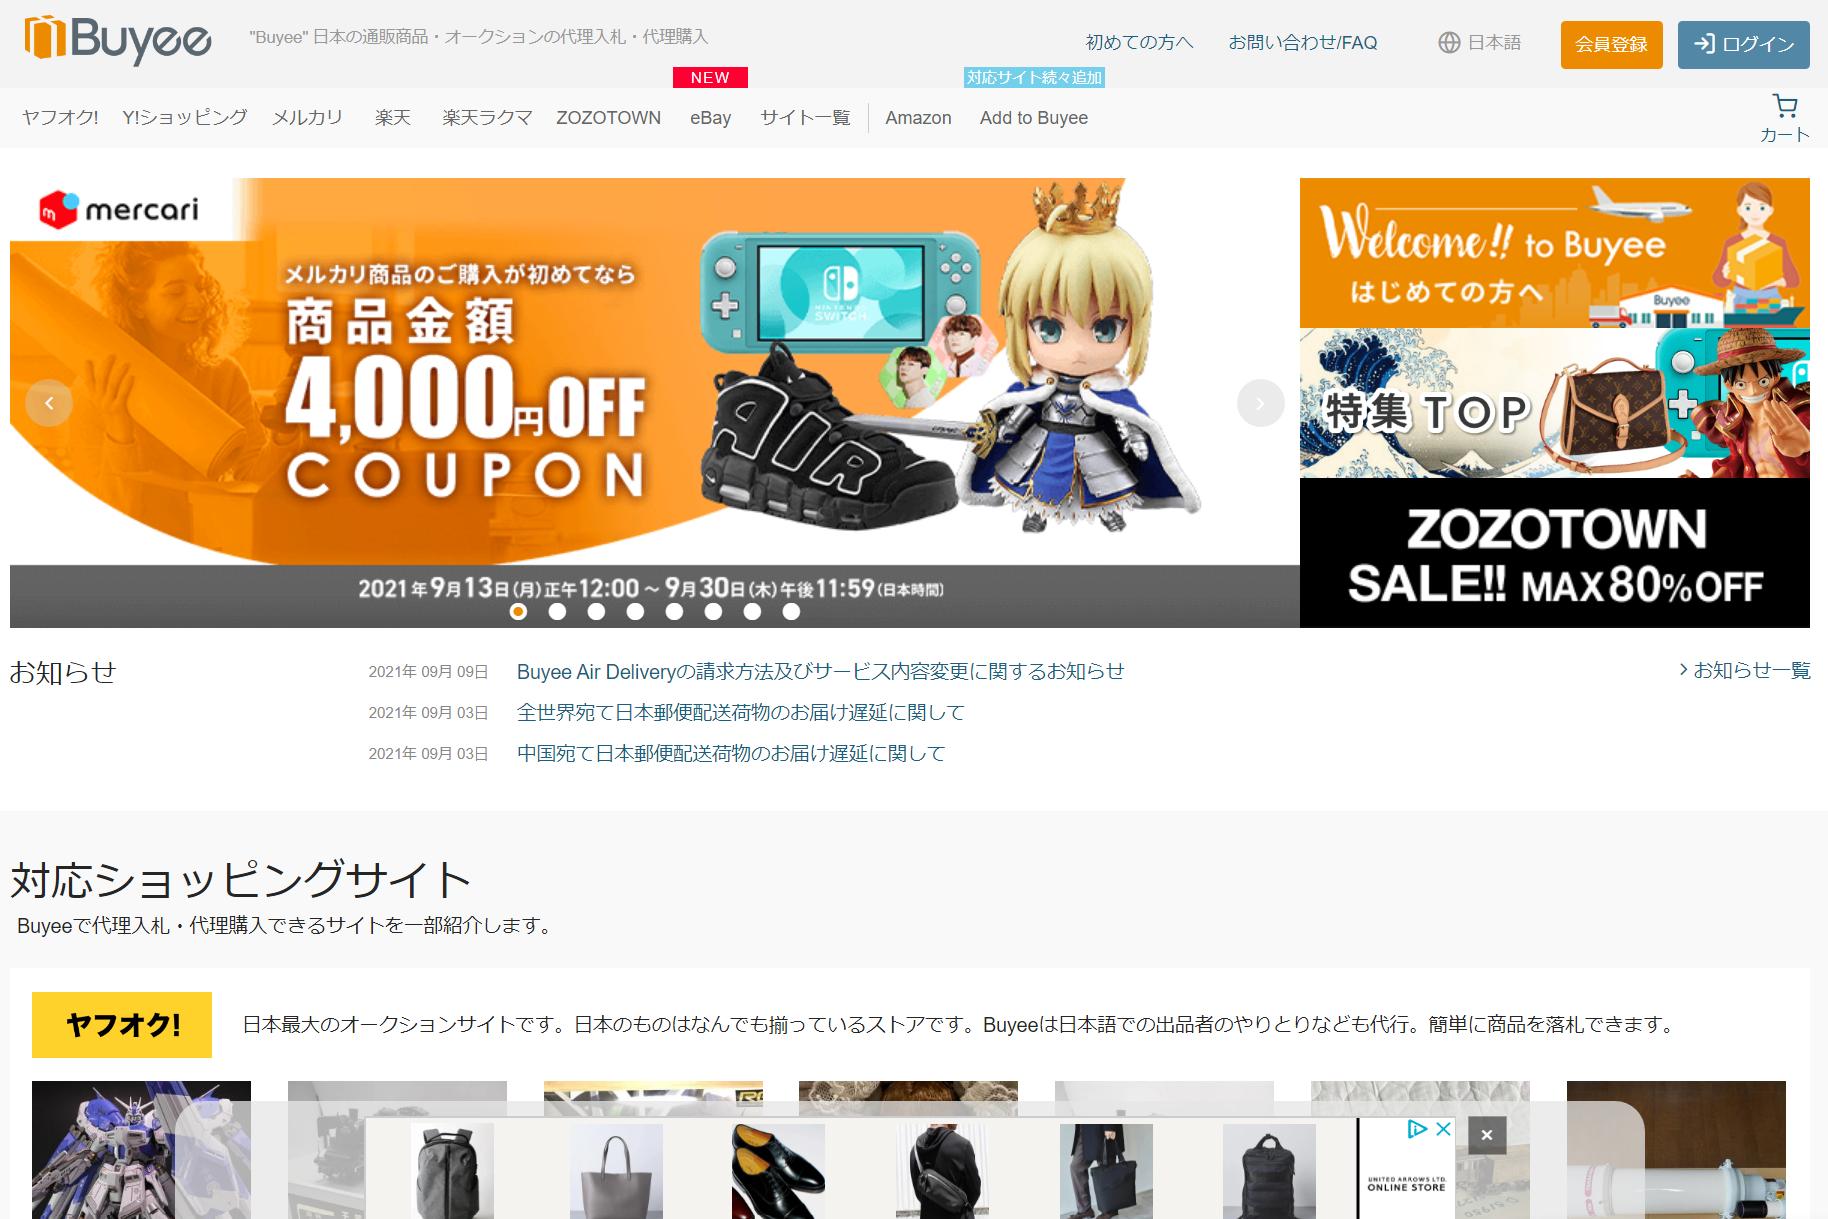 『写真付き解説』Buyee VS ebay 海外バイヤーにとってどちらがお得?